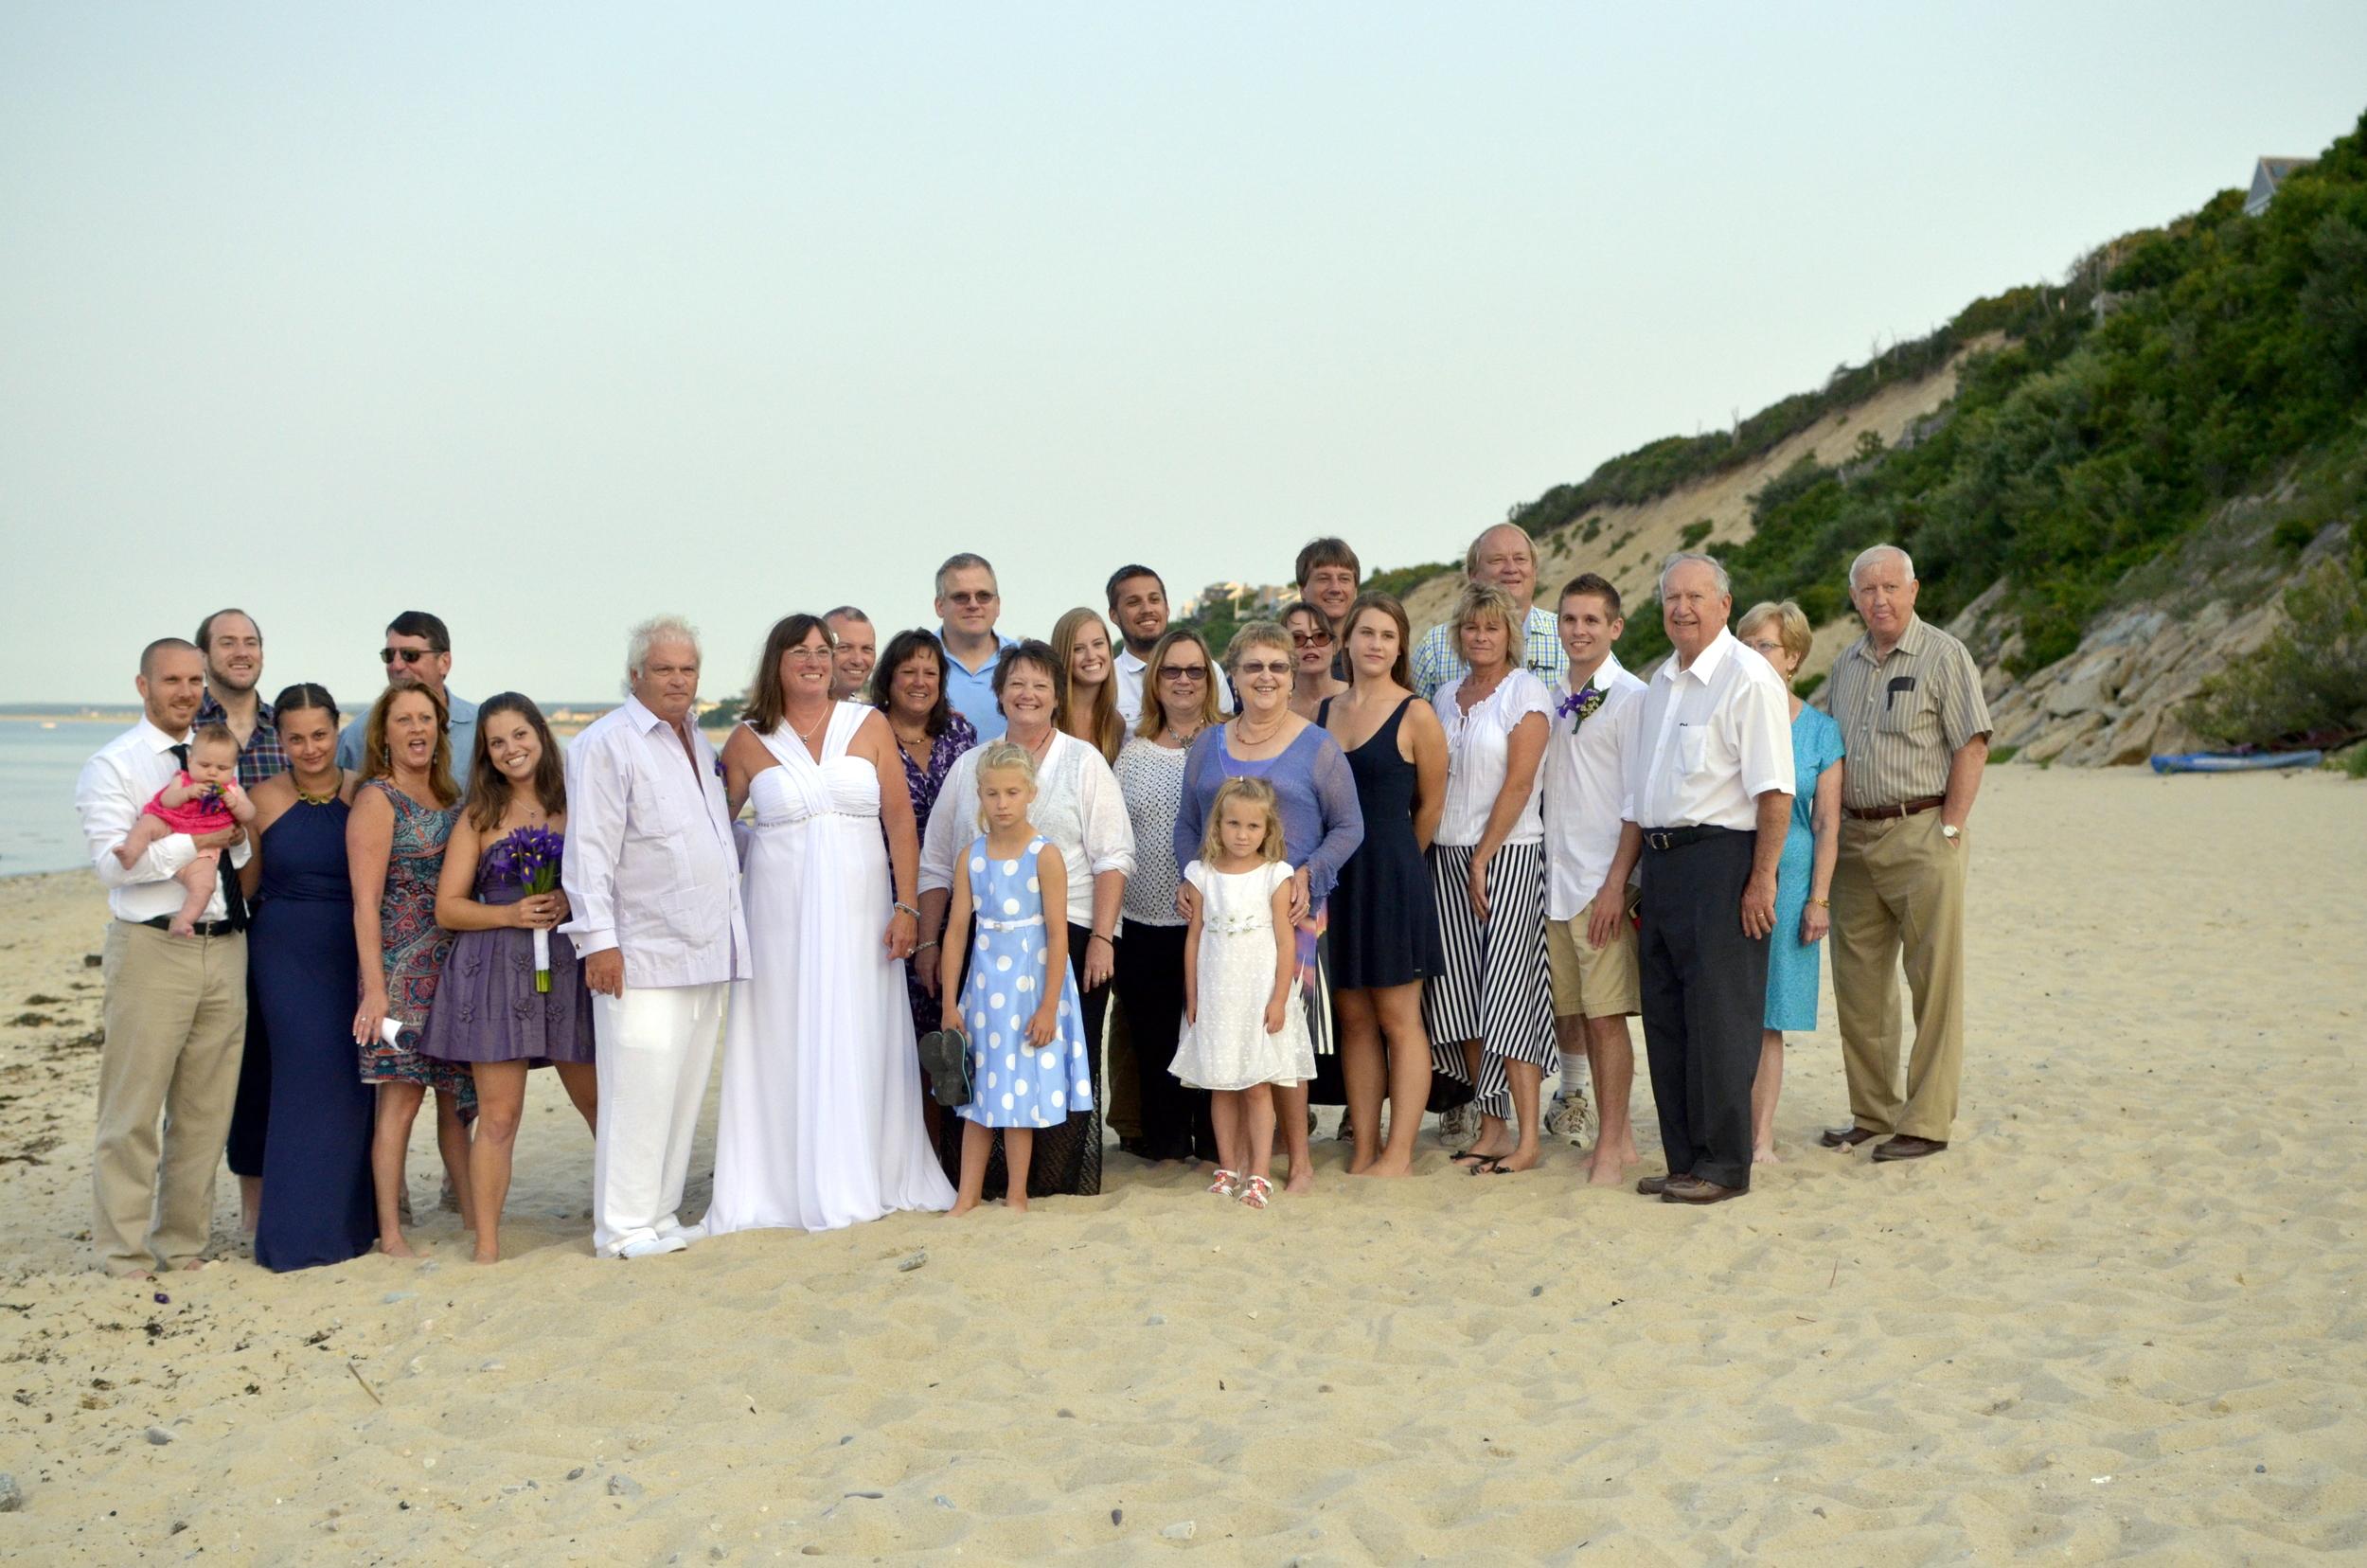 048 Wedding Family Shot.jpg